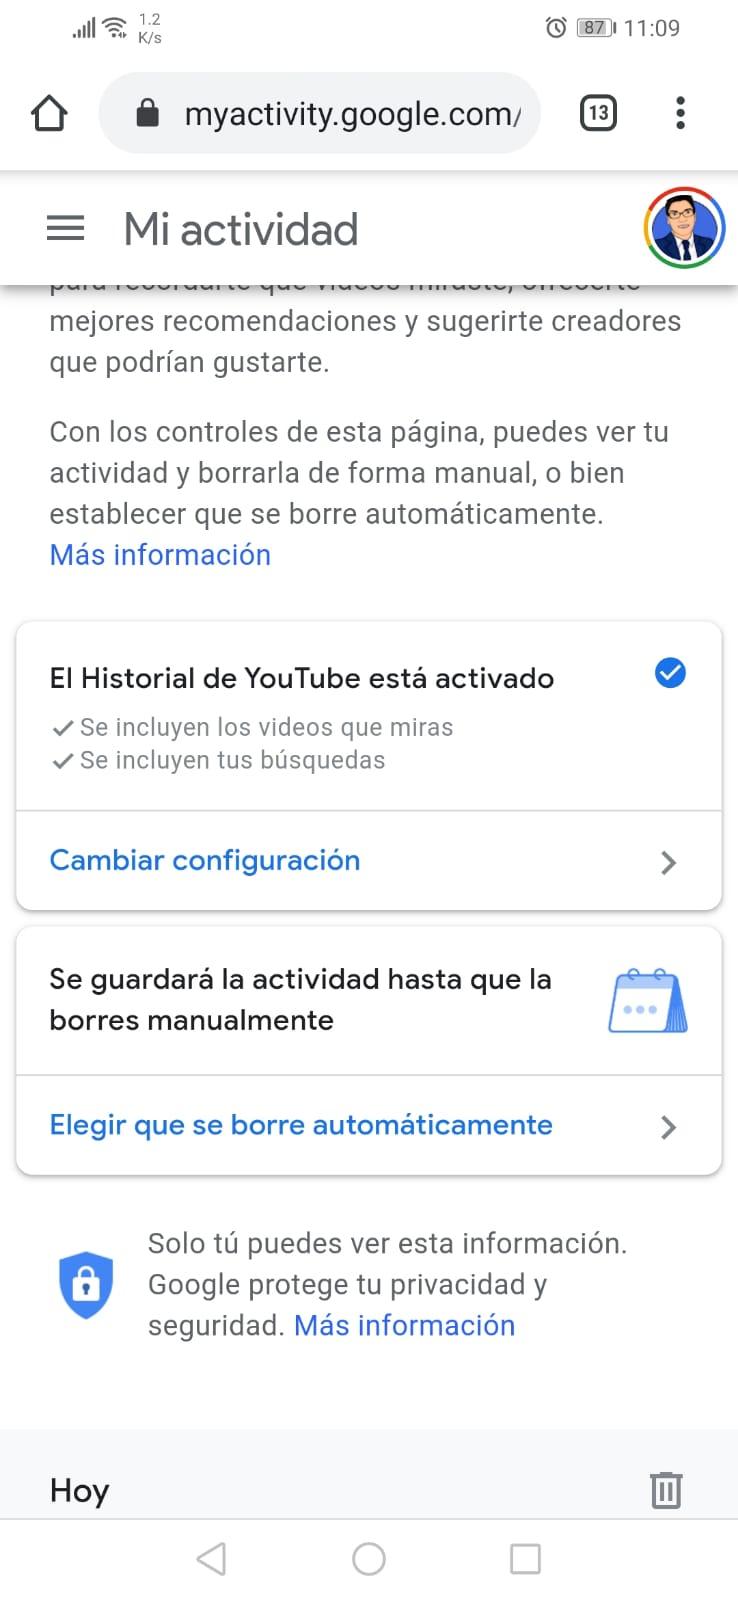 Elegir que se borre automáticamente en Youtube